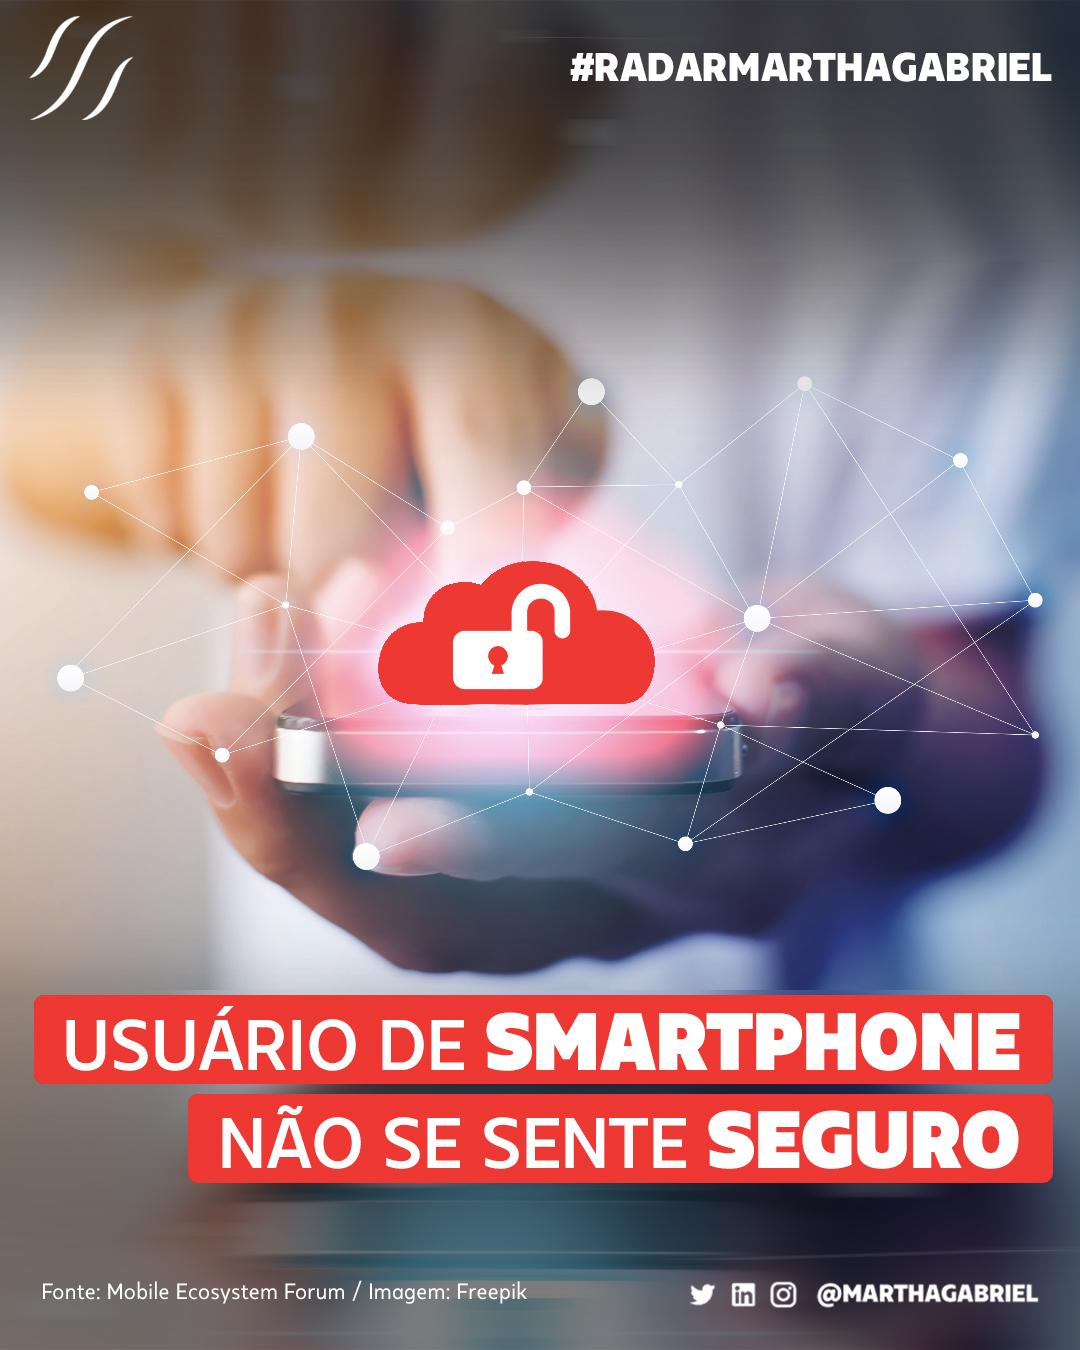 Usuário de smartphone não se sente seguro